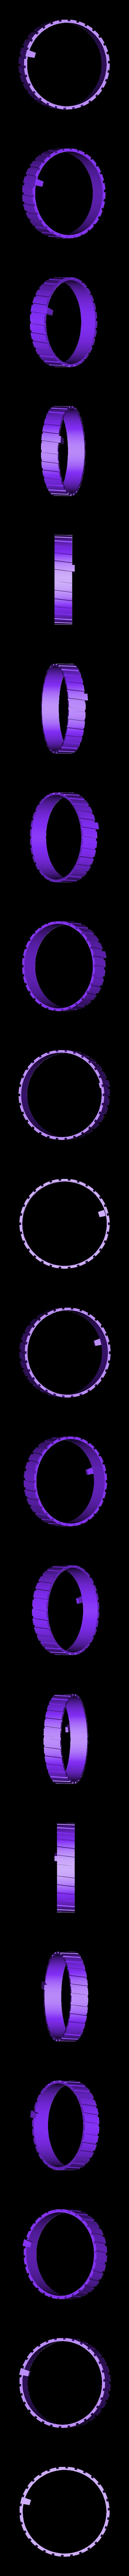 Ring.stl Télécharger fichier STL gratuit Bague du bouton de volume BOSE • Objet imprimable en 3D, DK7